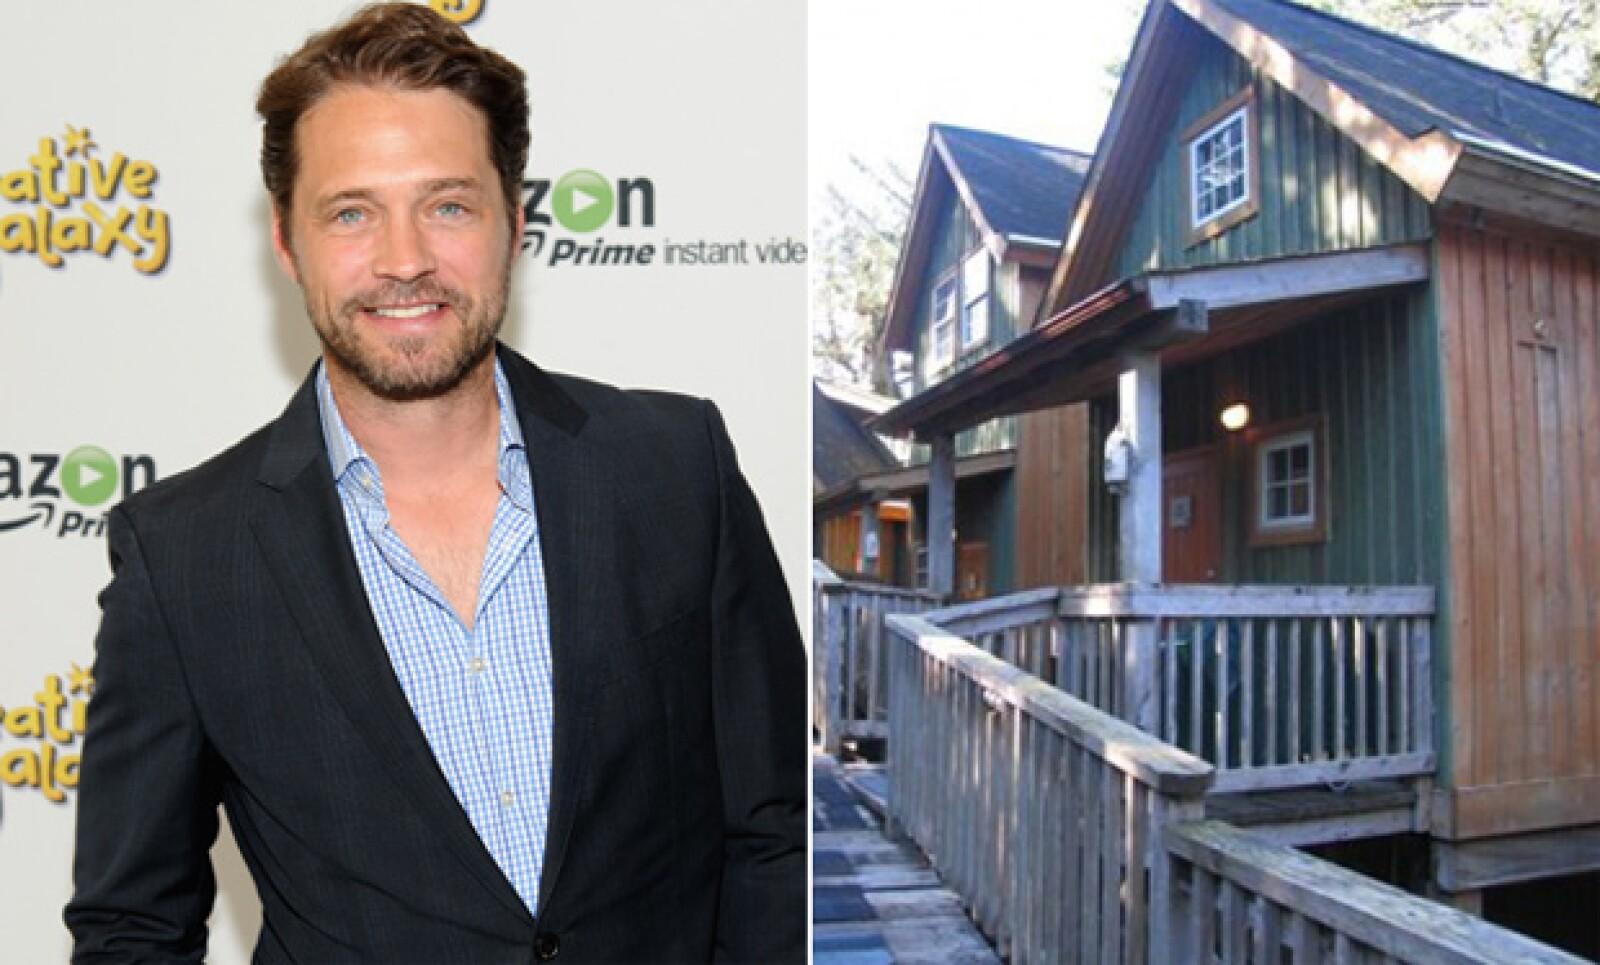 Tal parece que Beverly Hills 90210 le dejó mucho más que cientos de fans a Jason Priestley. El actor es dueño de este acogedor hotel llamado Terrace Beach Resort, en la provincia canadiense de British Columbia.